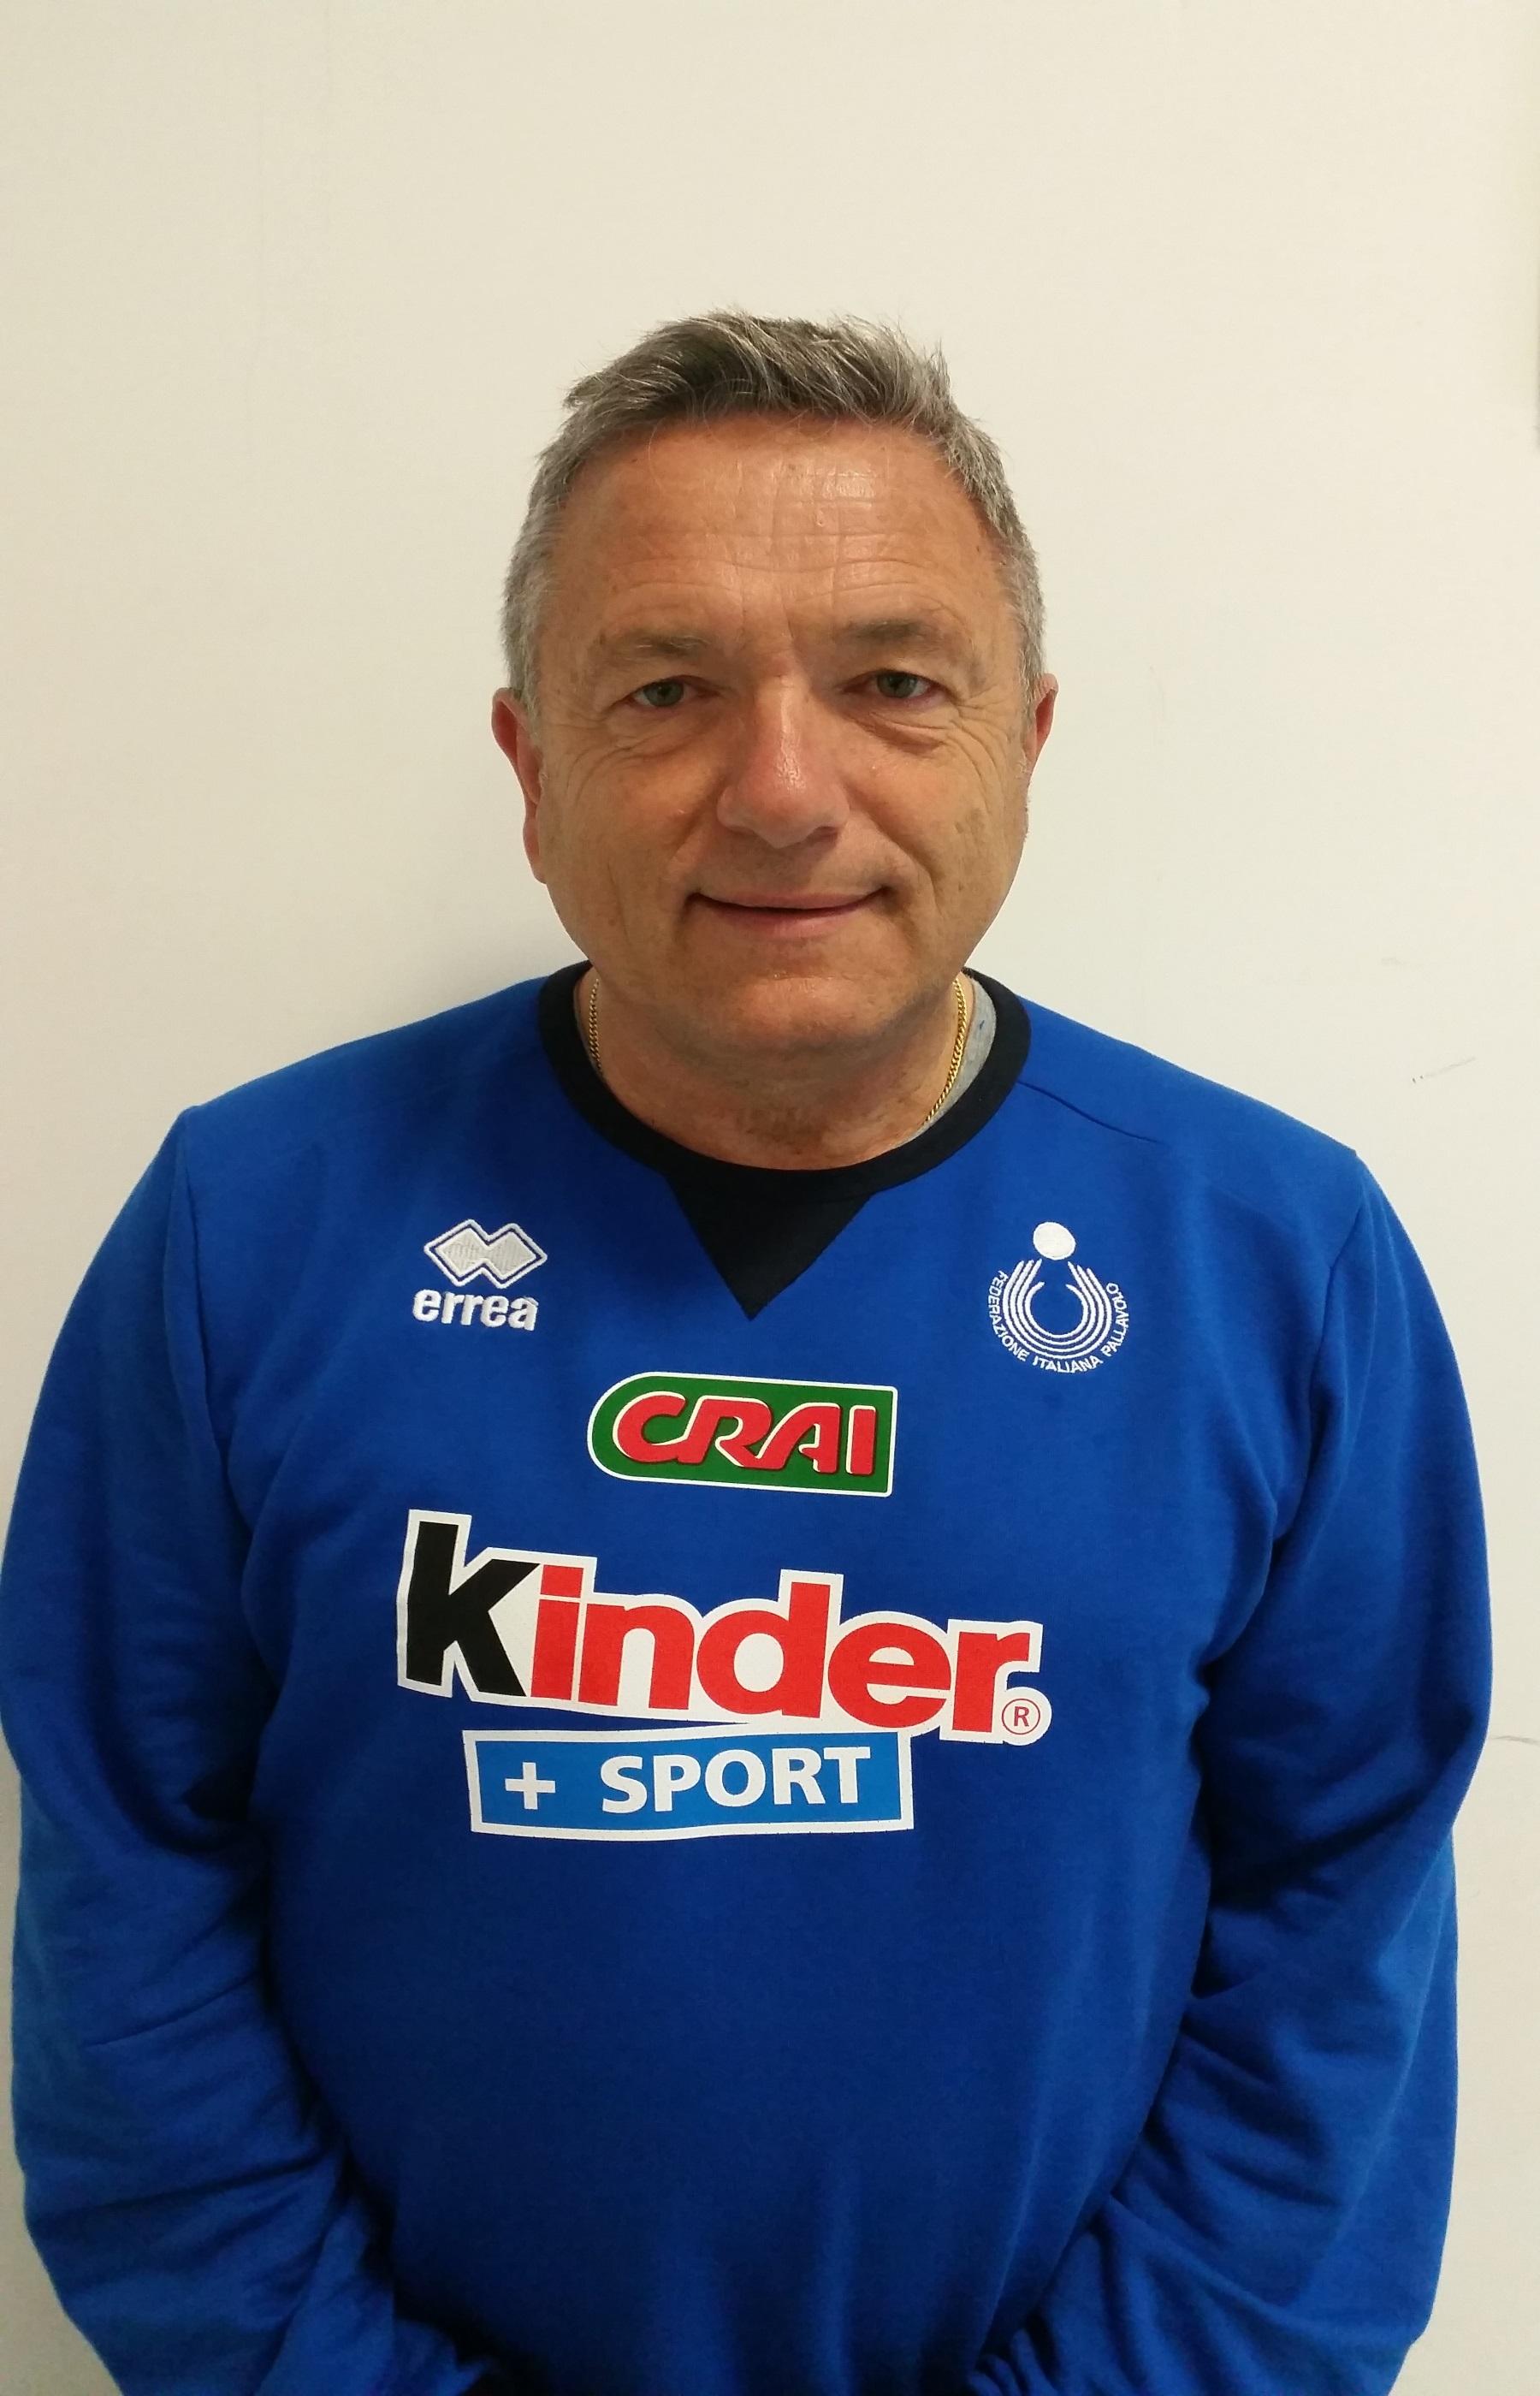 Mario Barbiero